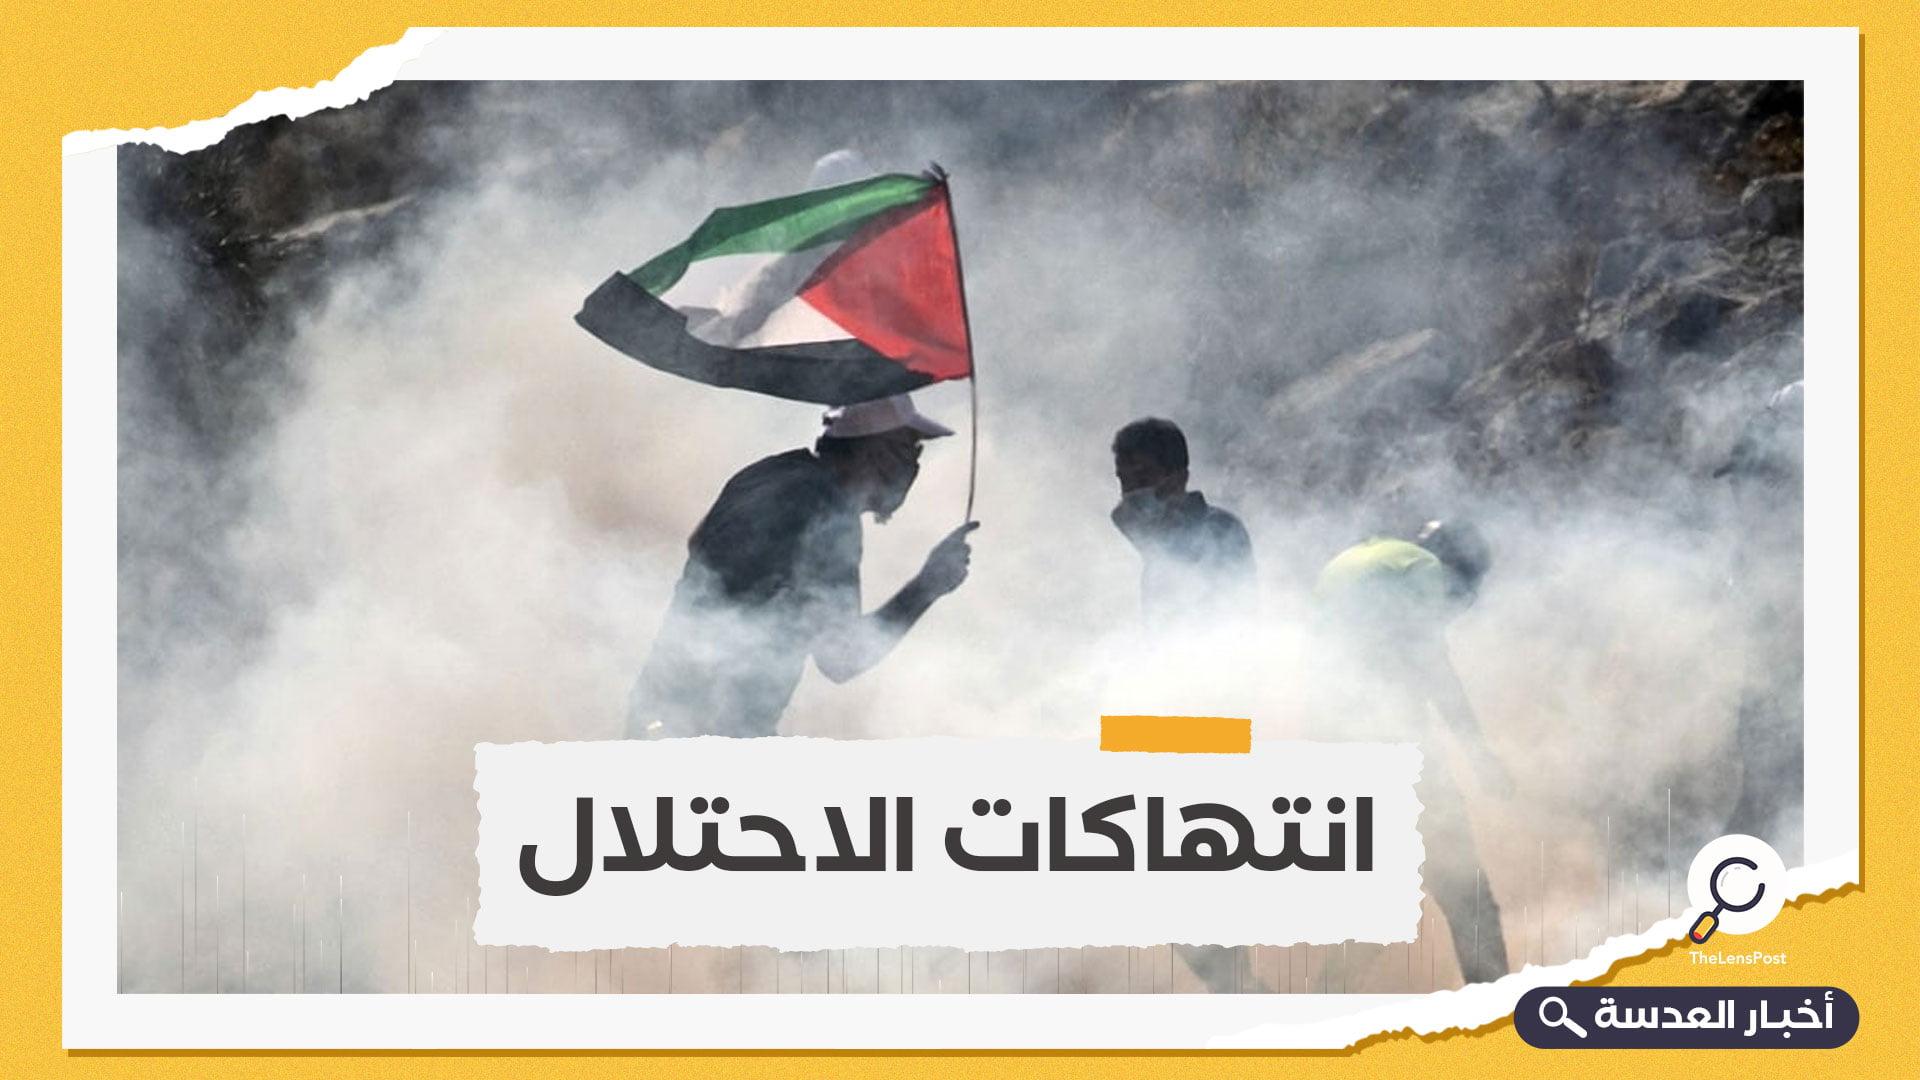 استشهاد شاب فلسطيني برصاص الاحتلال بالضفة